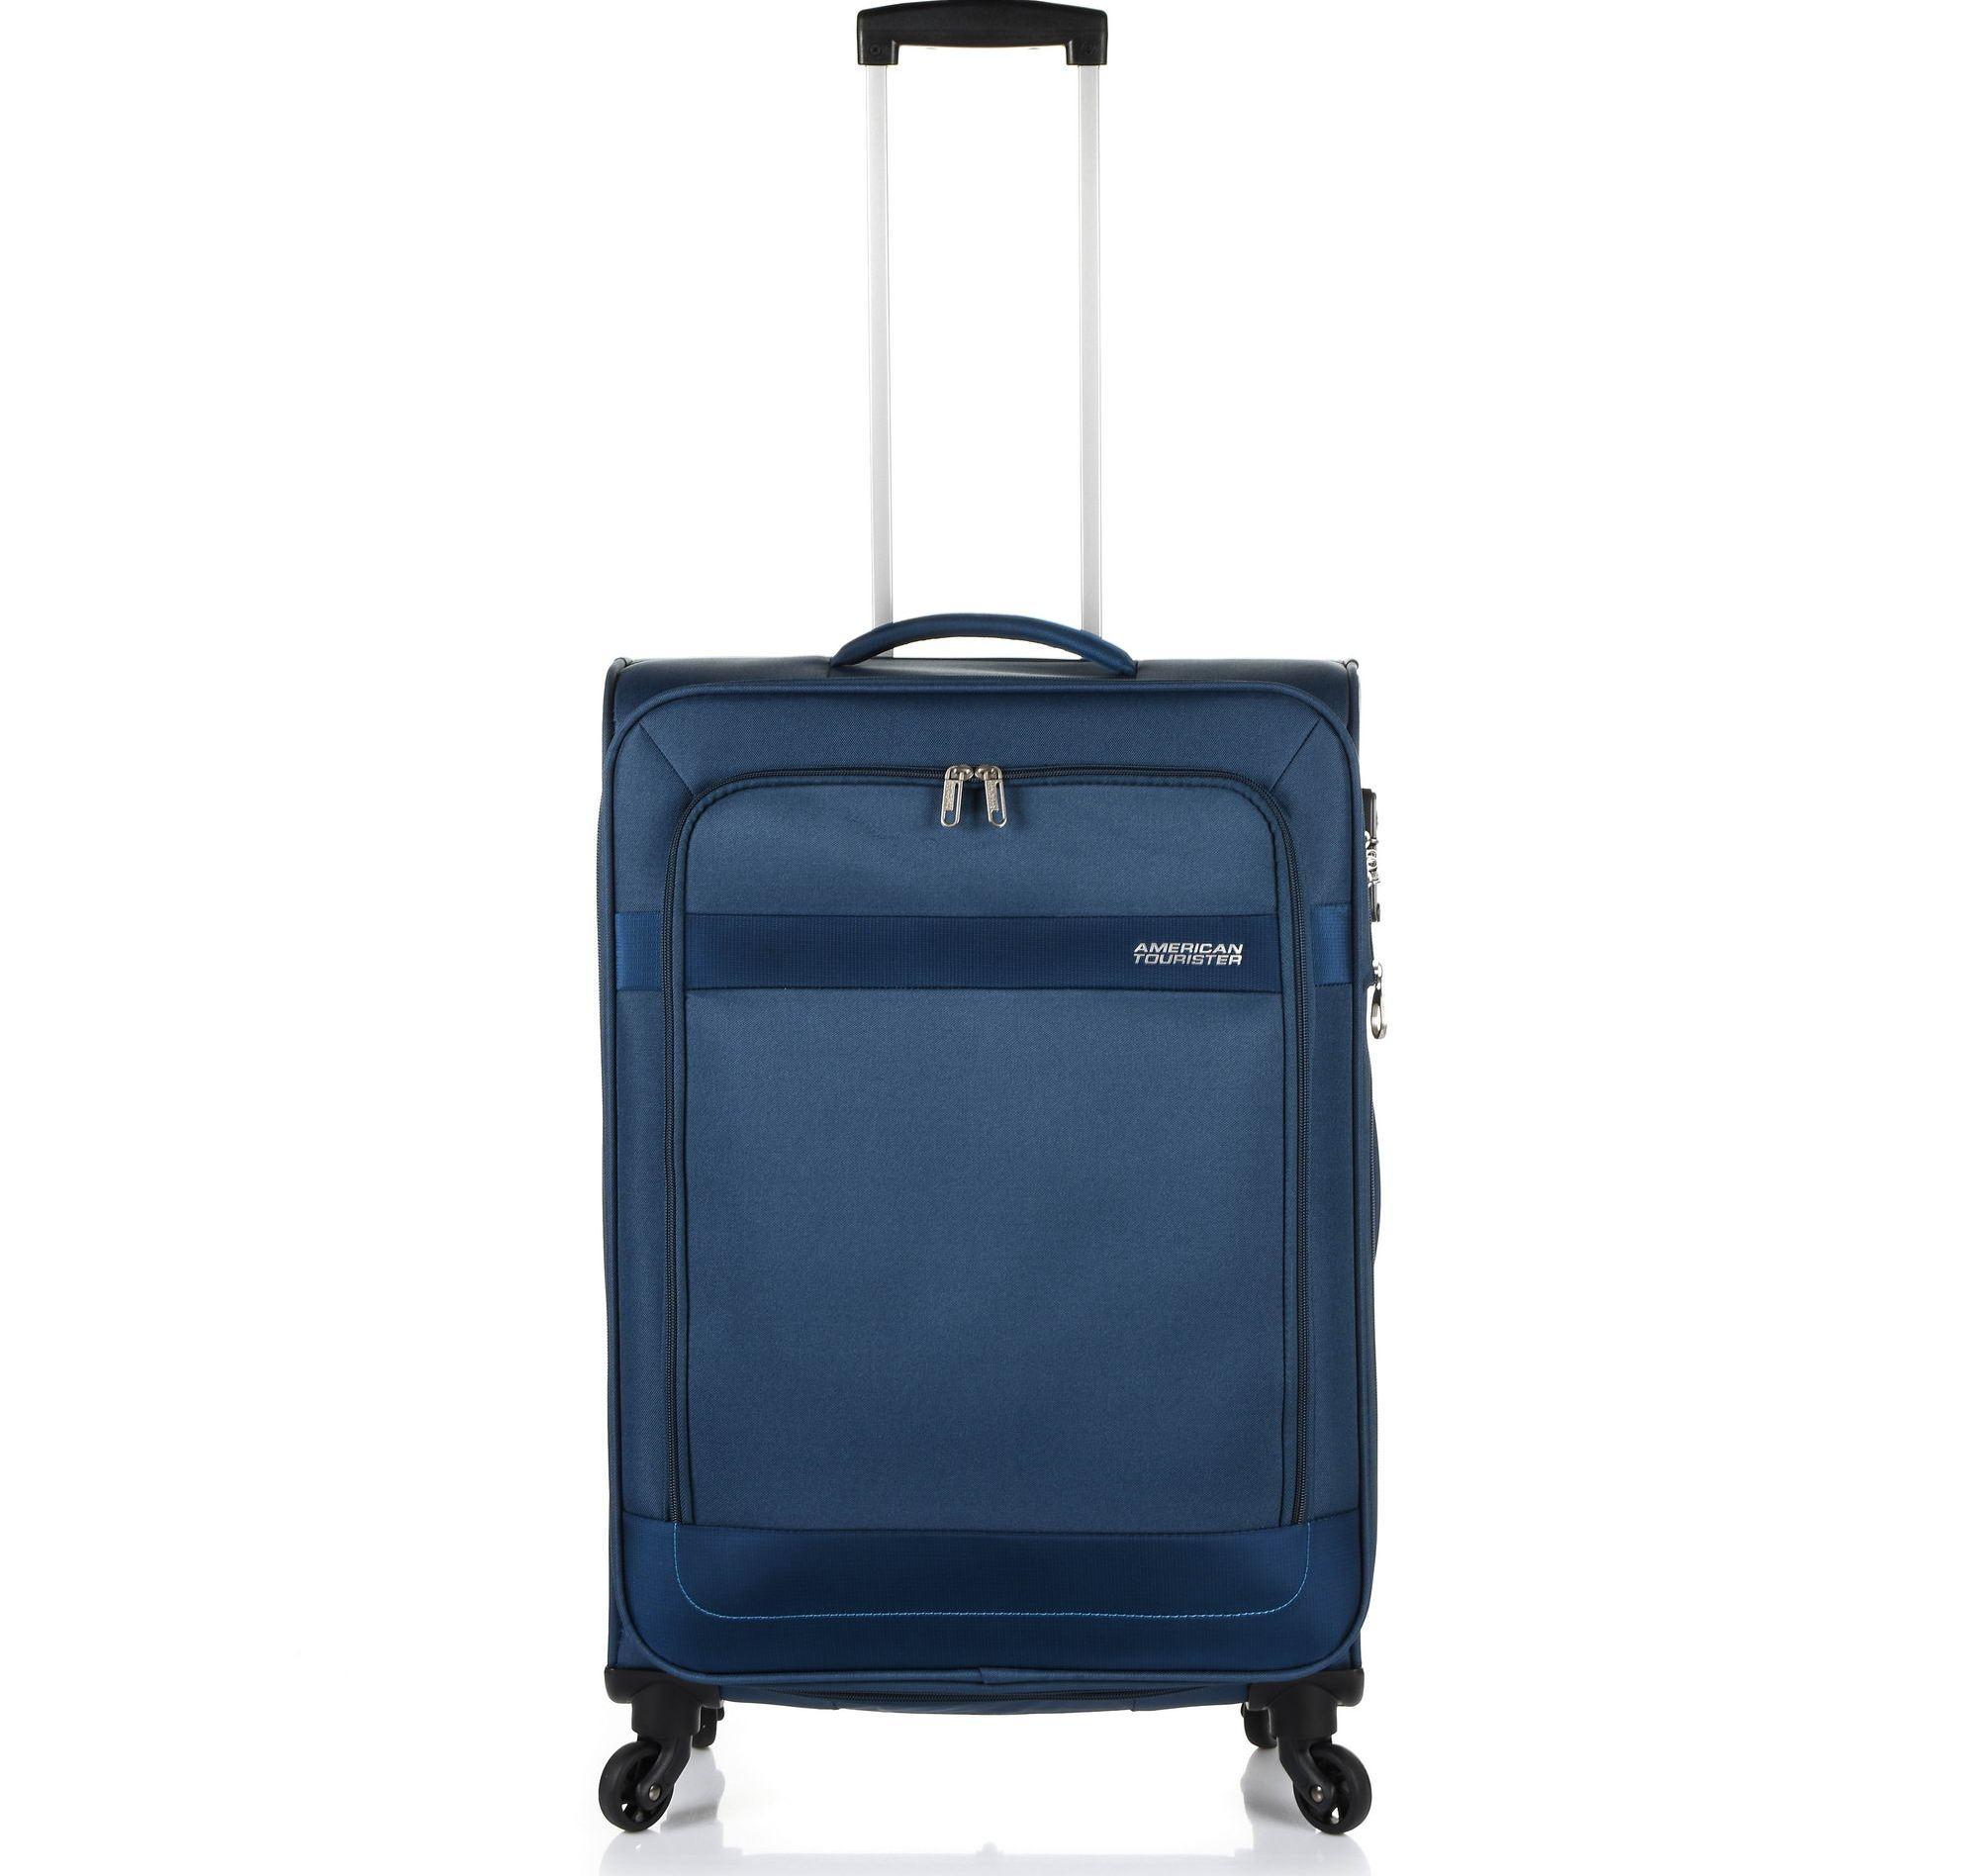 Βαλίτσα Μαλακή American Tourister DAY ONE 4Wheels 68cm TSA 108135 Expandable Medium